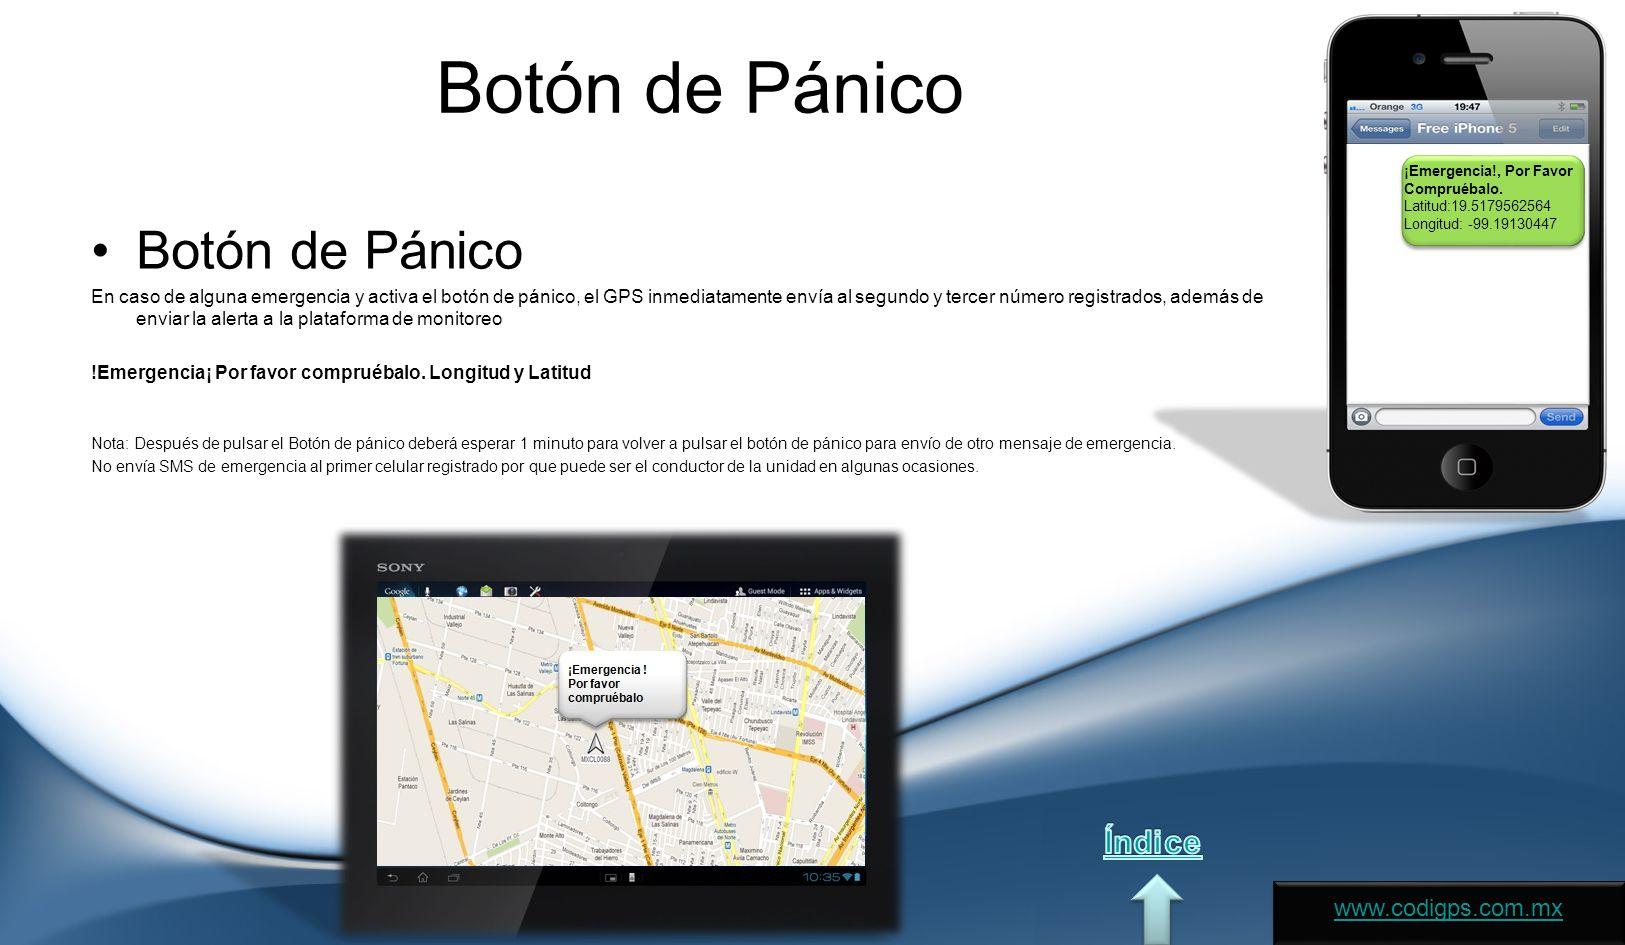 Botón de Pánico En caso de alguna emergencia y activa el botón de pánico, el GPS inmediatamente envía al segundo y tercer número registrados, además de enviar la alerta a la plataforma de monitoreo !Emergencia¡ Por favor compruébalo.